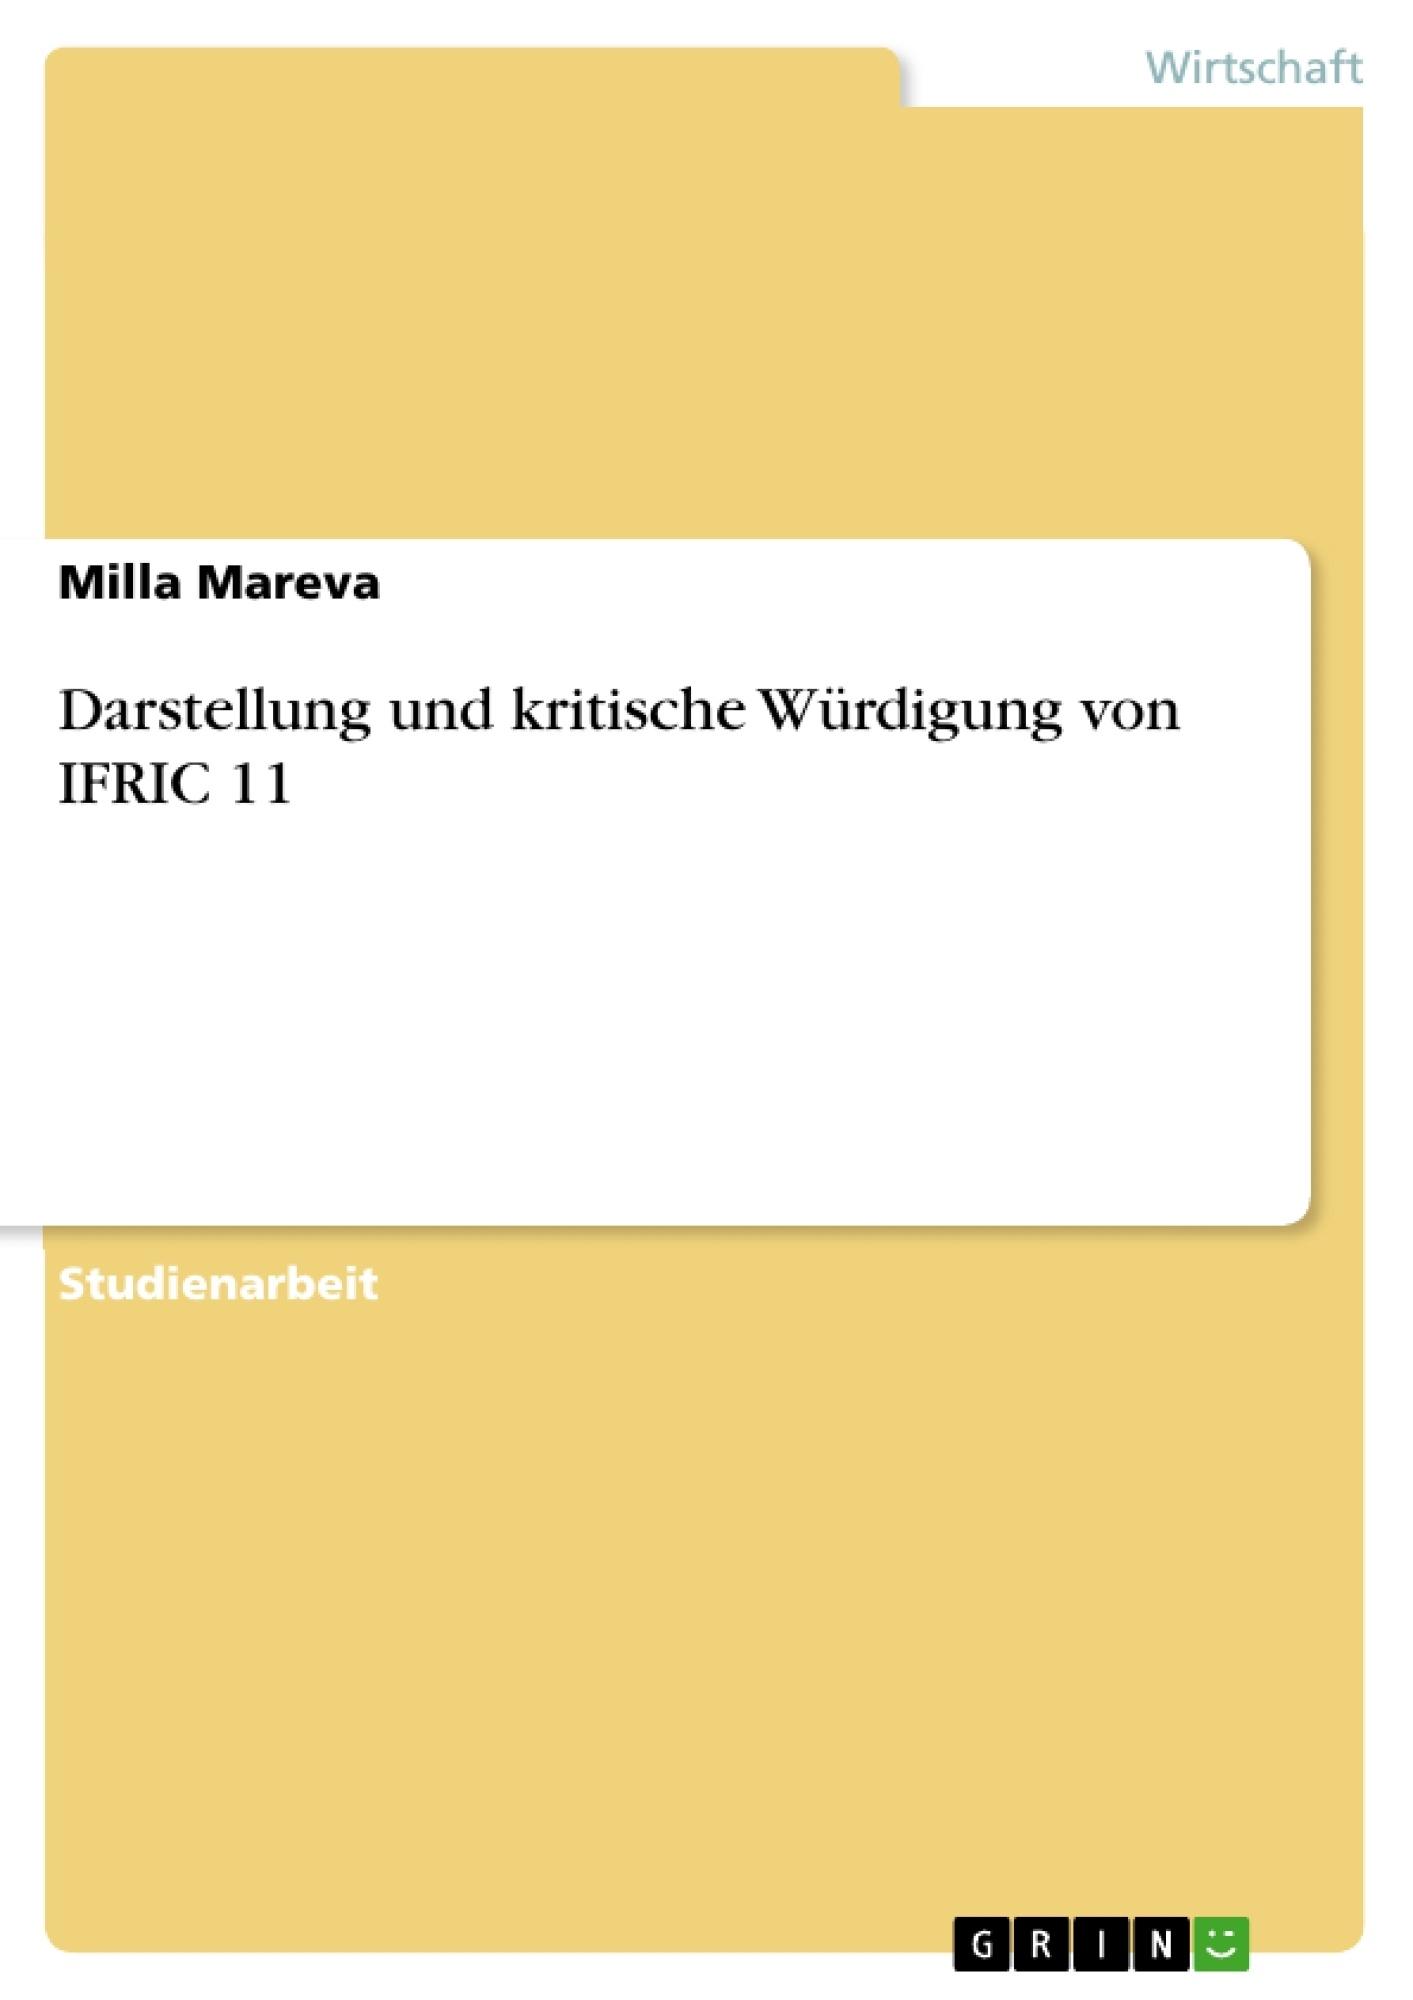 Titel: Darstellung und kritische Würdigung von IFRIC 11